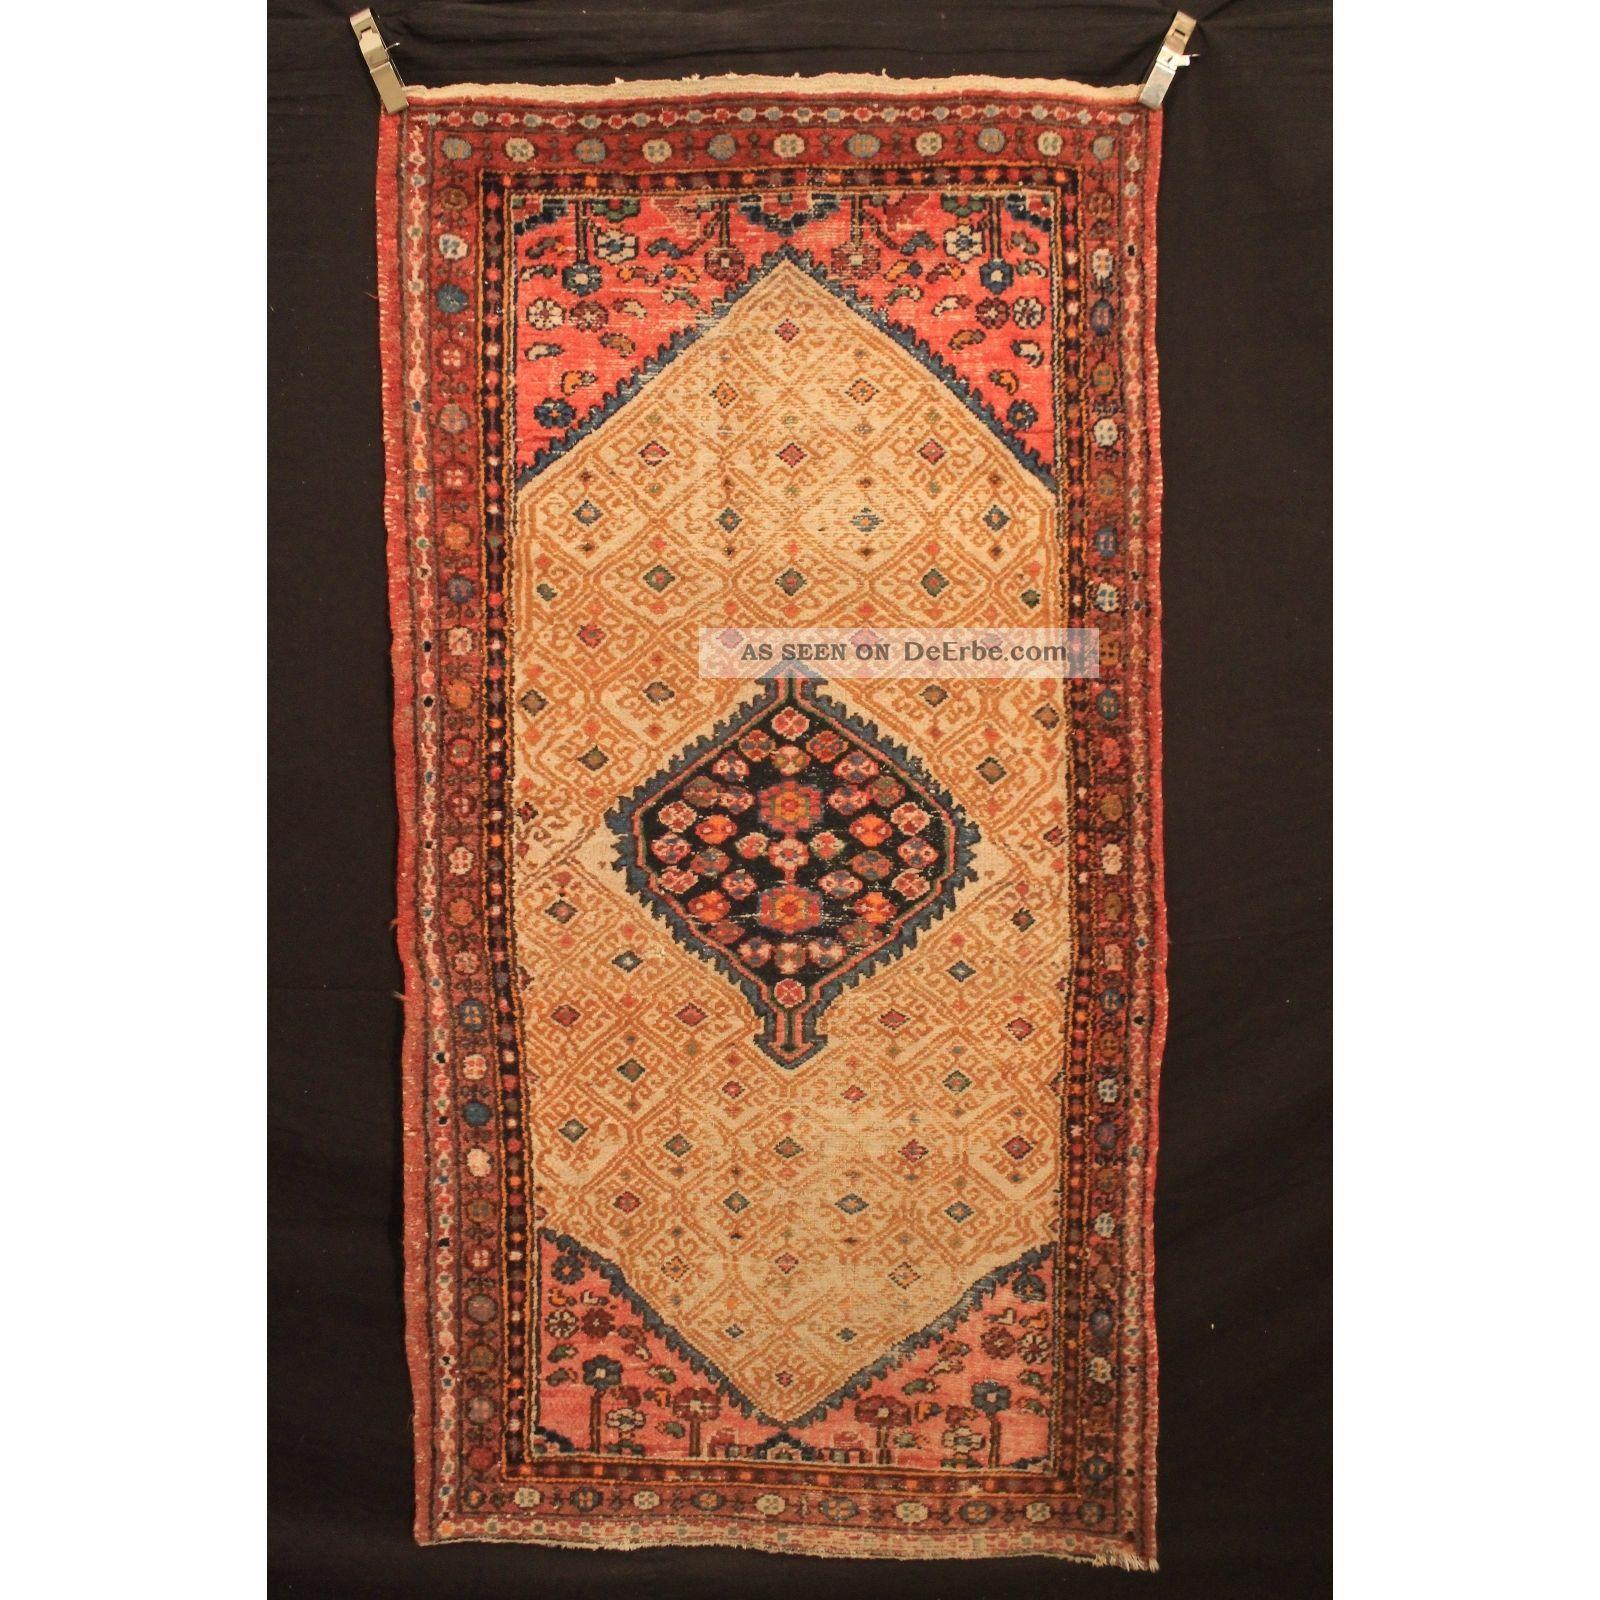 Alt Handgeknüpfter Orient Teppich Malaya Kurde Old Rug Carpet Tappeto 200x100 Teppiche & Flachgewebe Bild